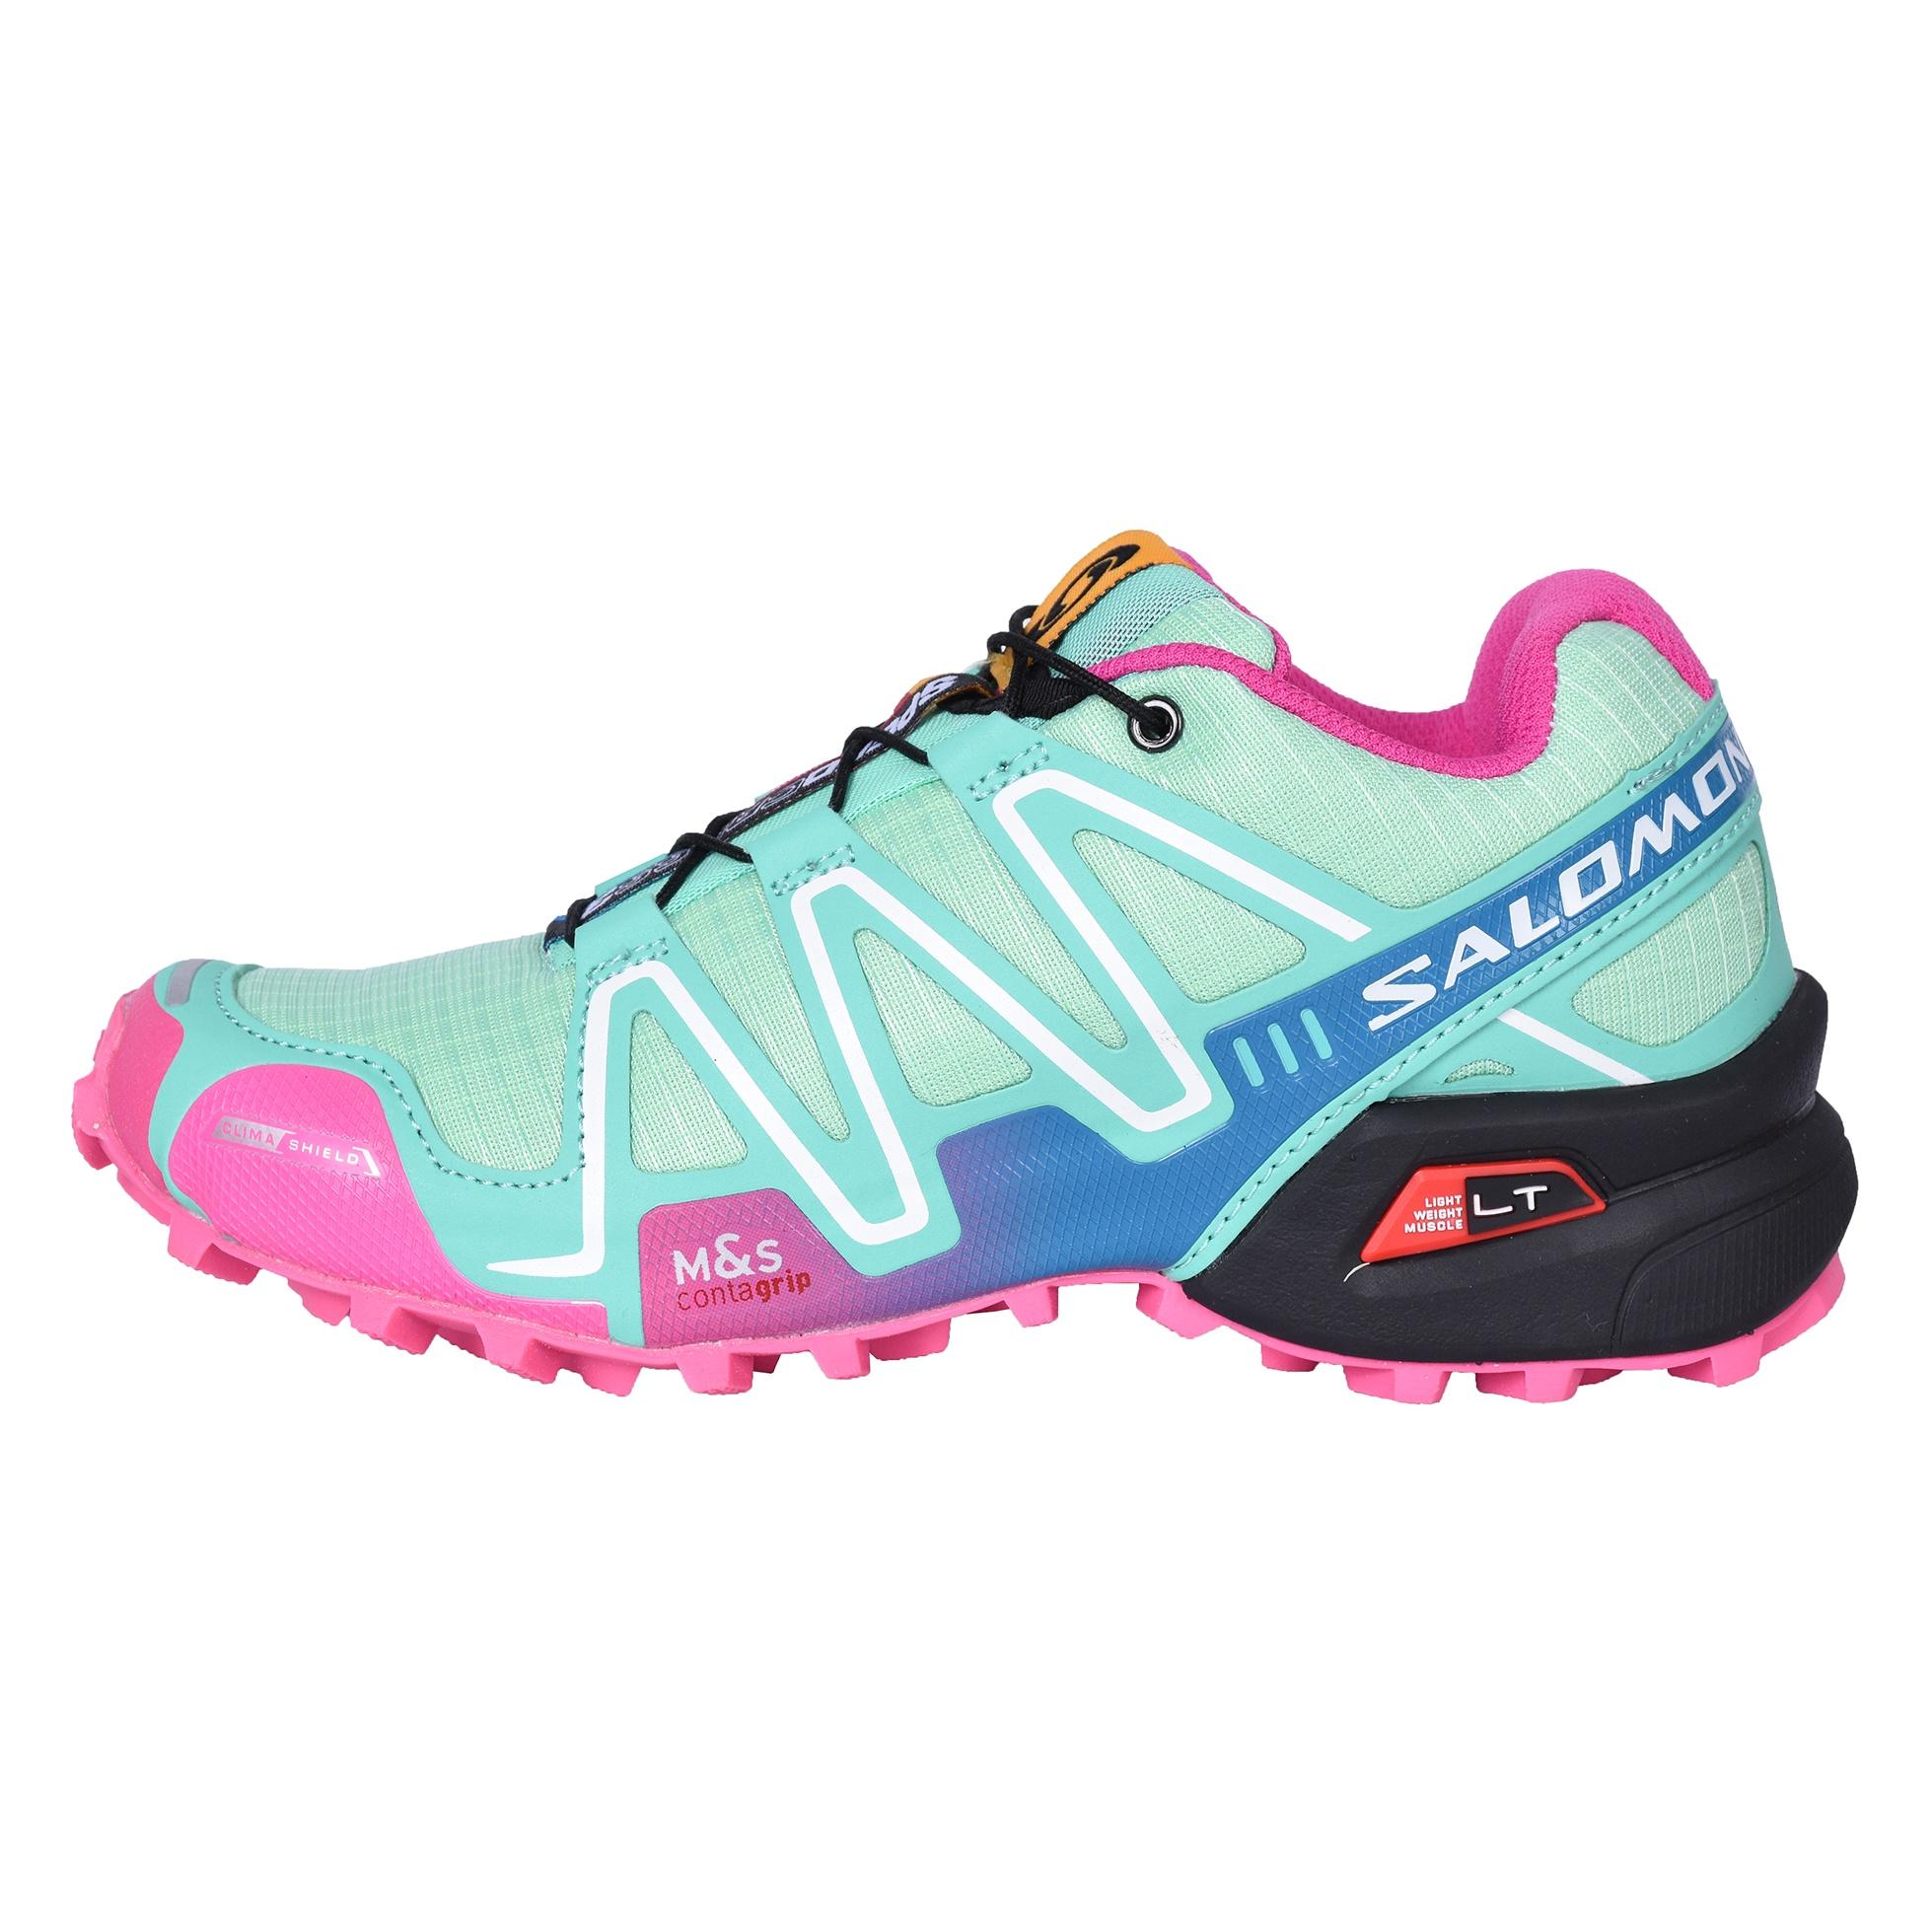 کفش مخصوص دویدن زنانه مدل sprrdcrs Gp